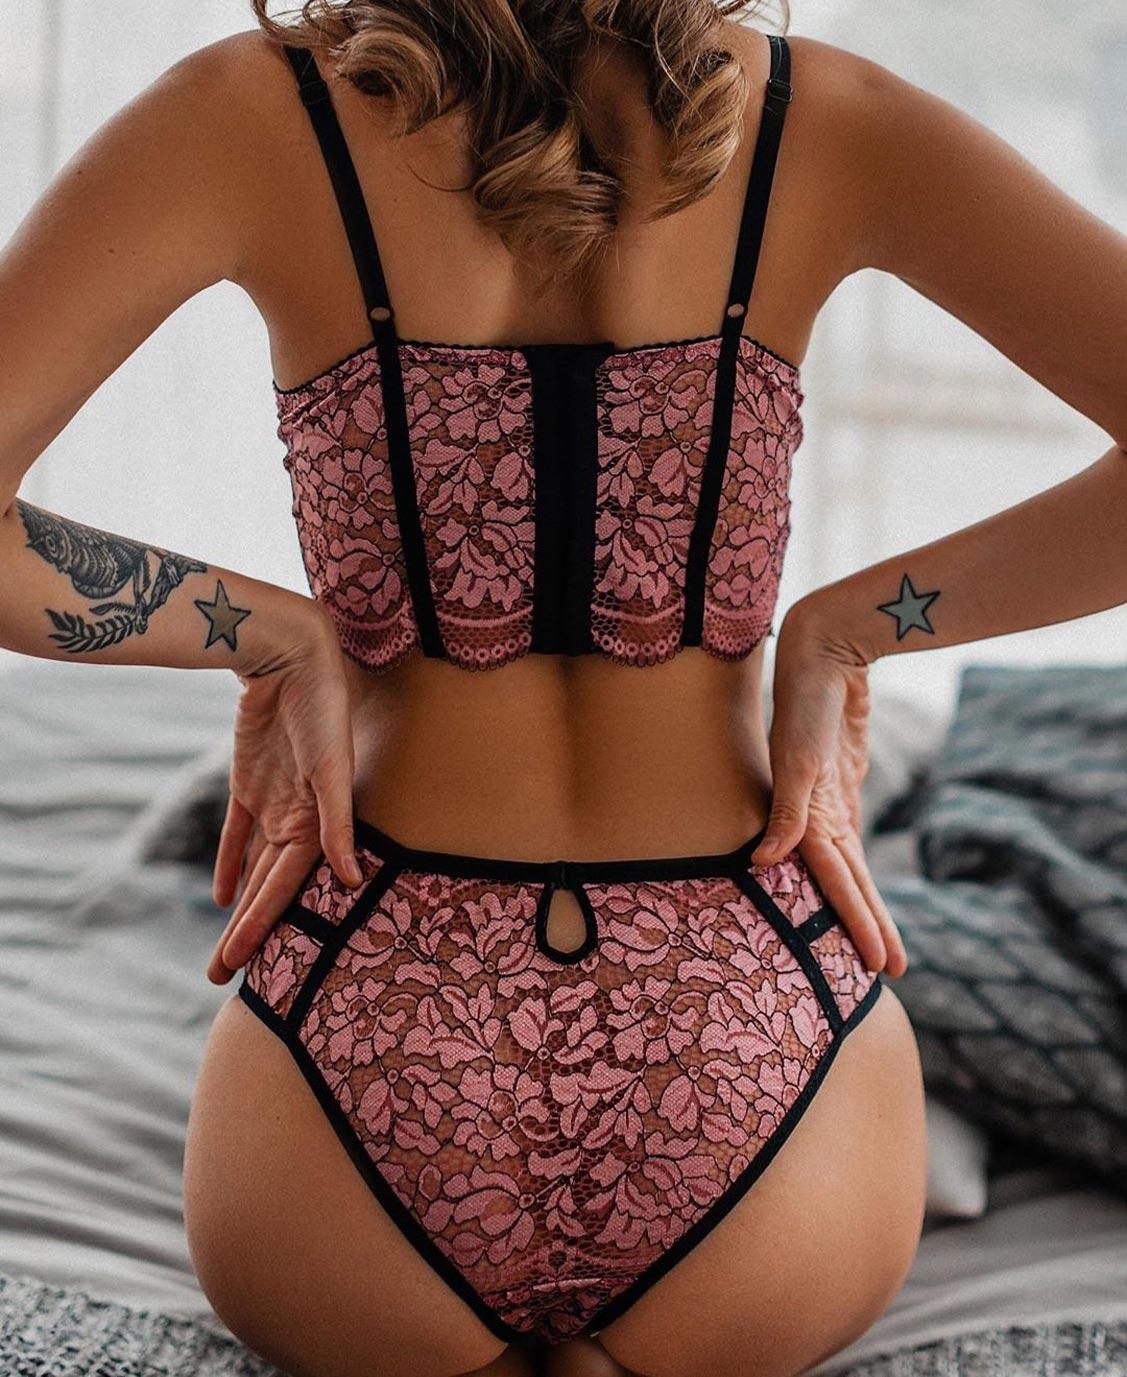 Анастасия Щеглова в нижнем белье торговой марки MissX / фото 06